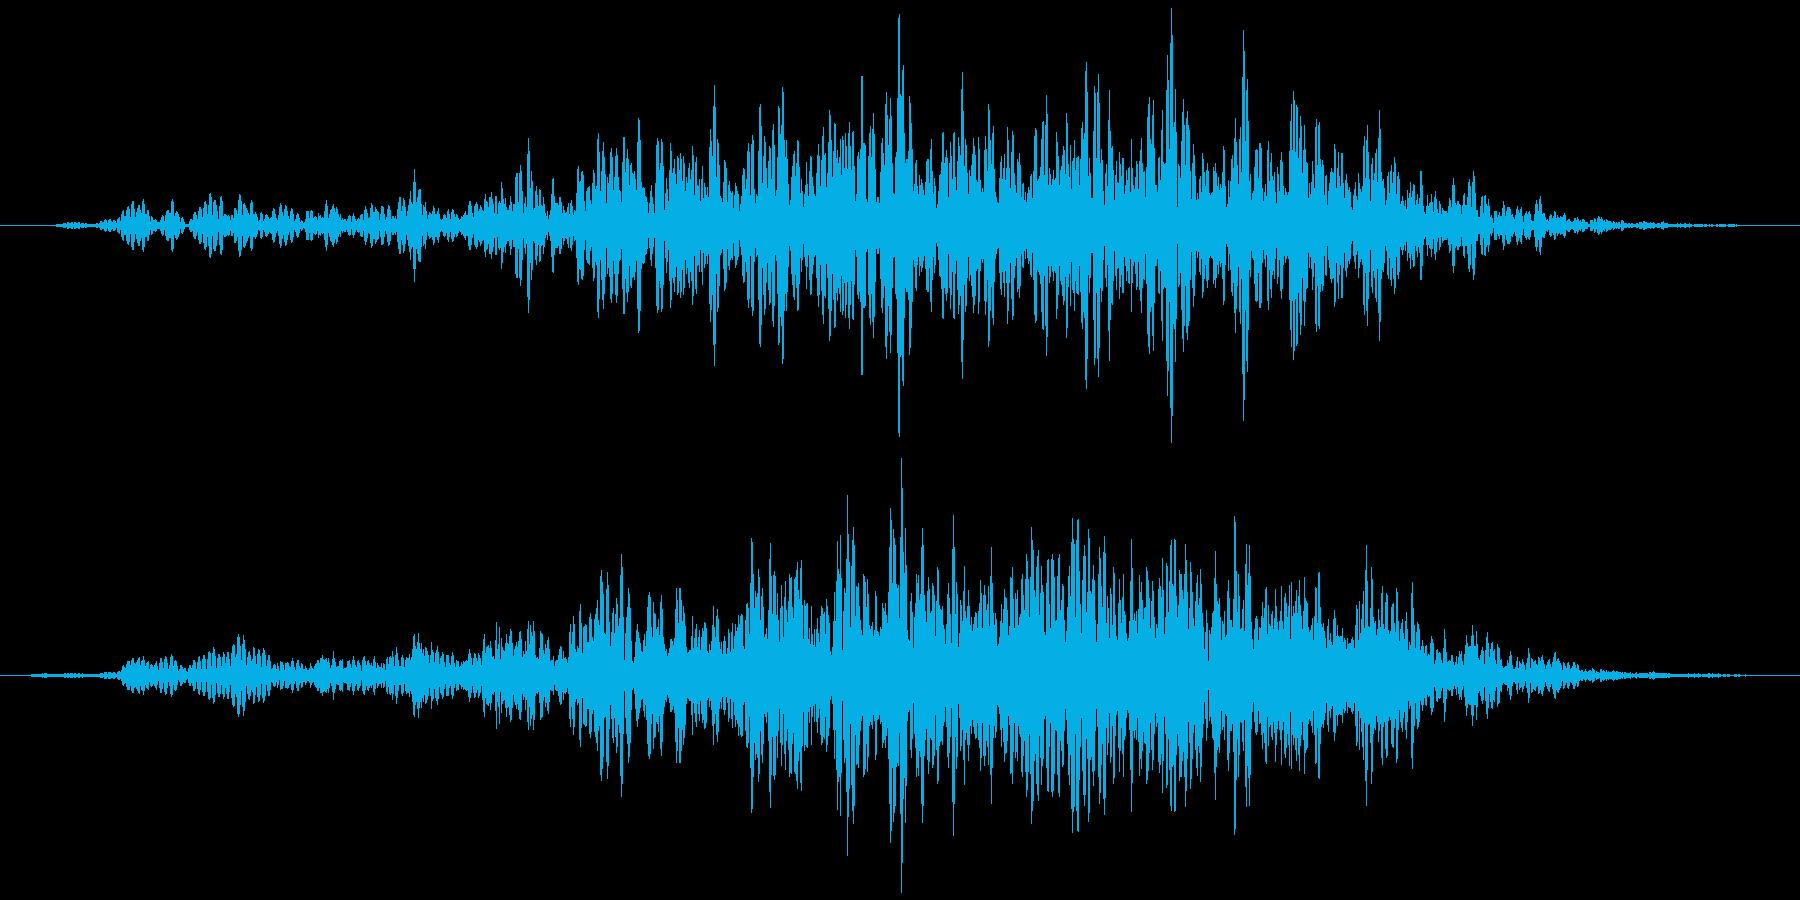 石、重い物など動かす(ズズッ+カラカラ)の再生済みの波形